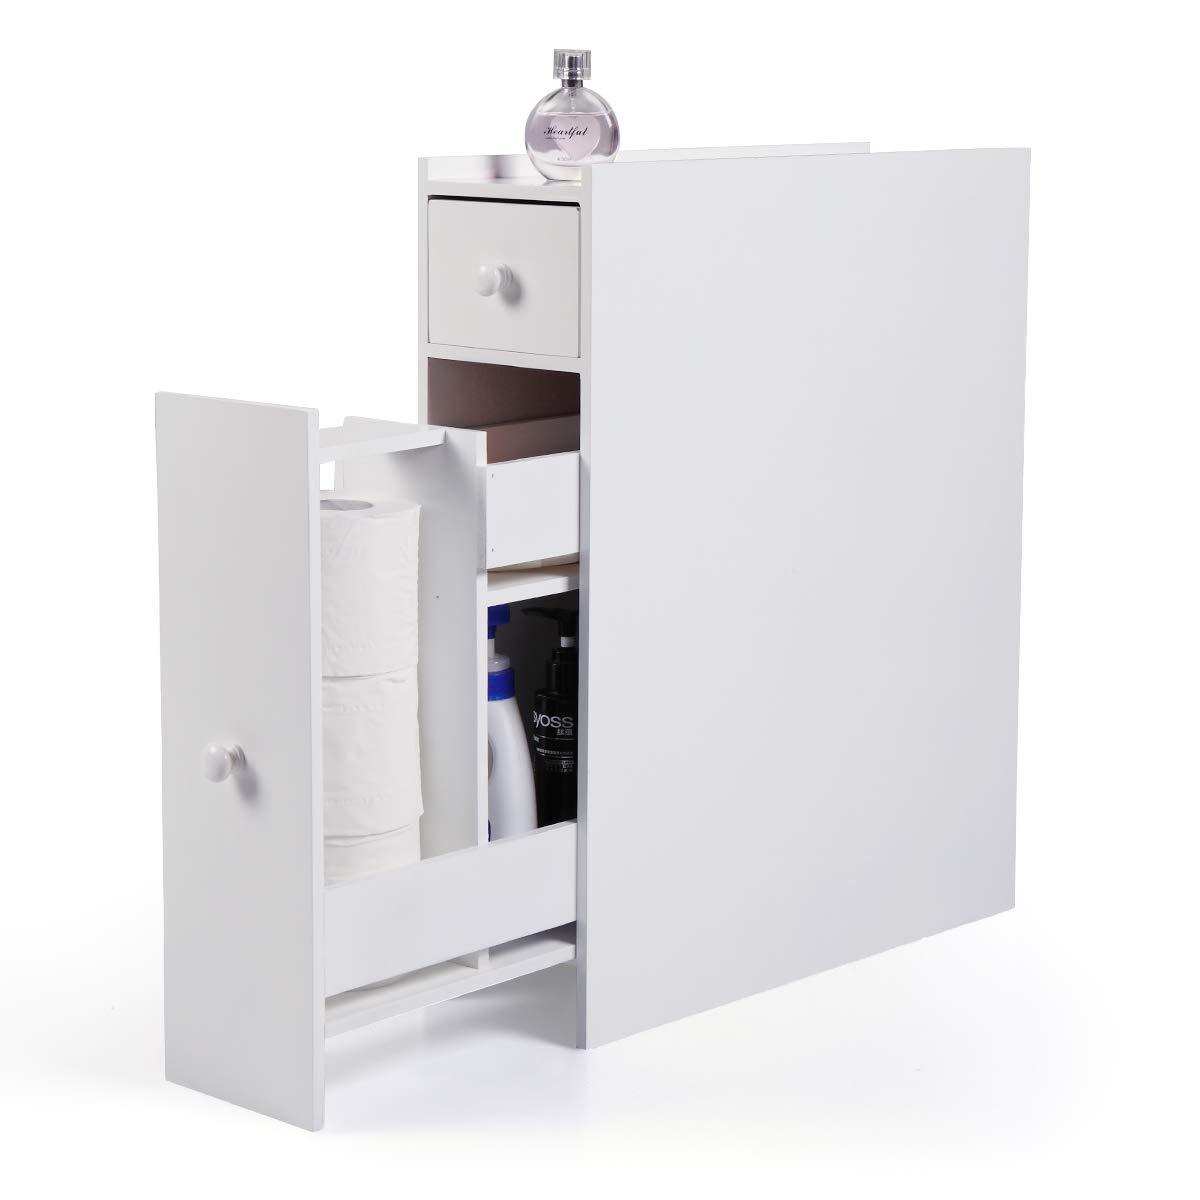 BWM.Co Bathroom Storage Cupboard Cabinet Storage Drawer White Wooden Standing Toilet Rack Organizer by BWM.Co